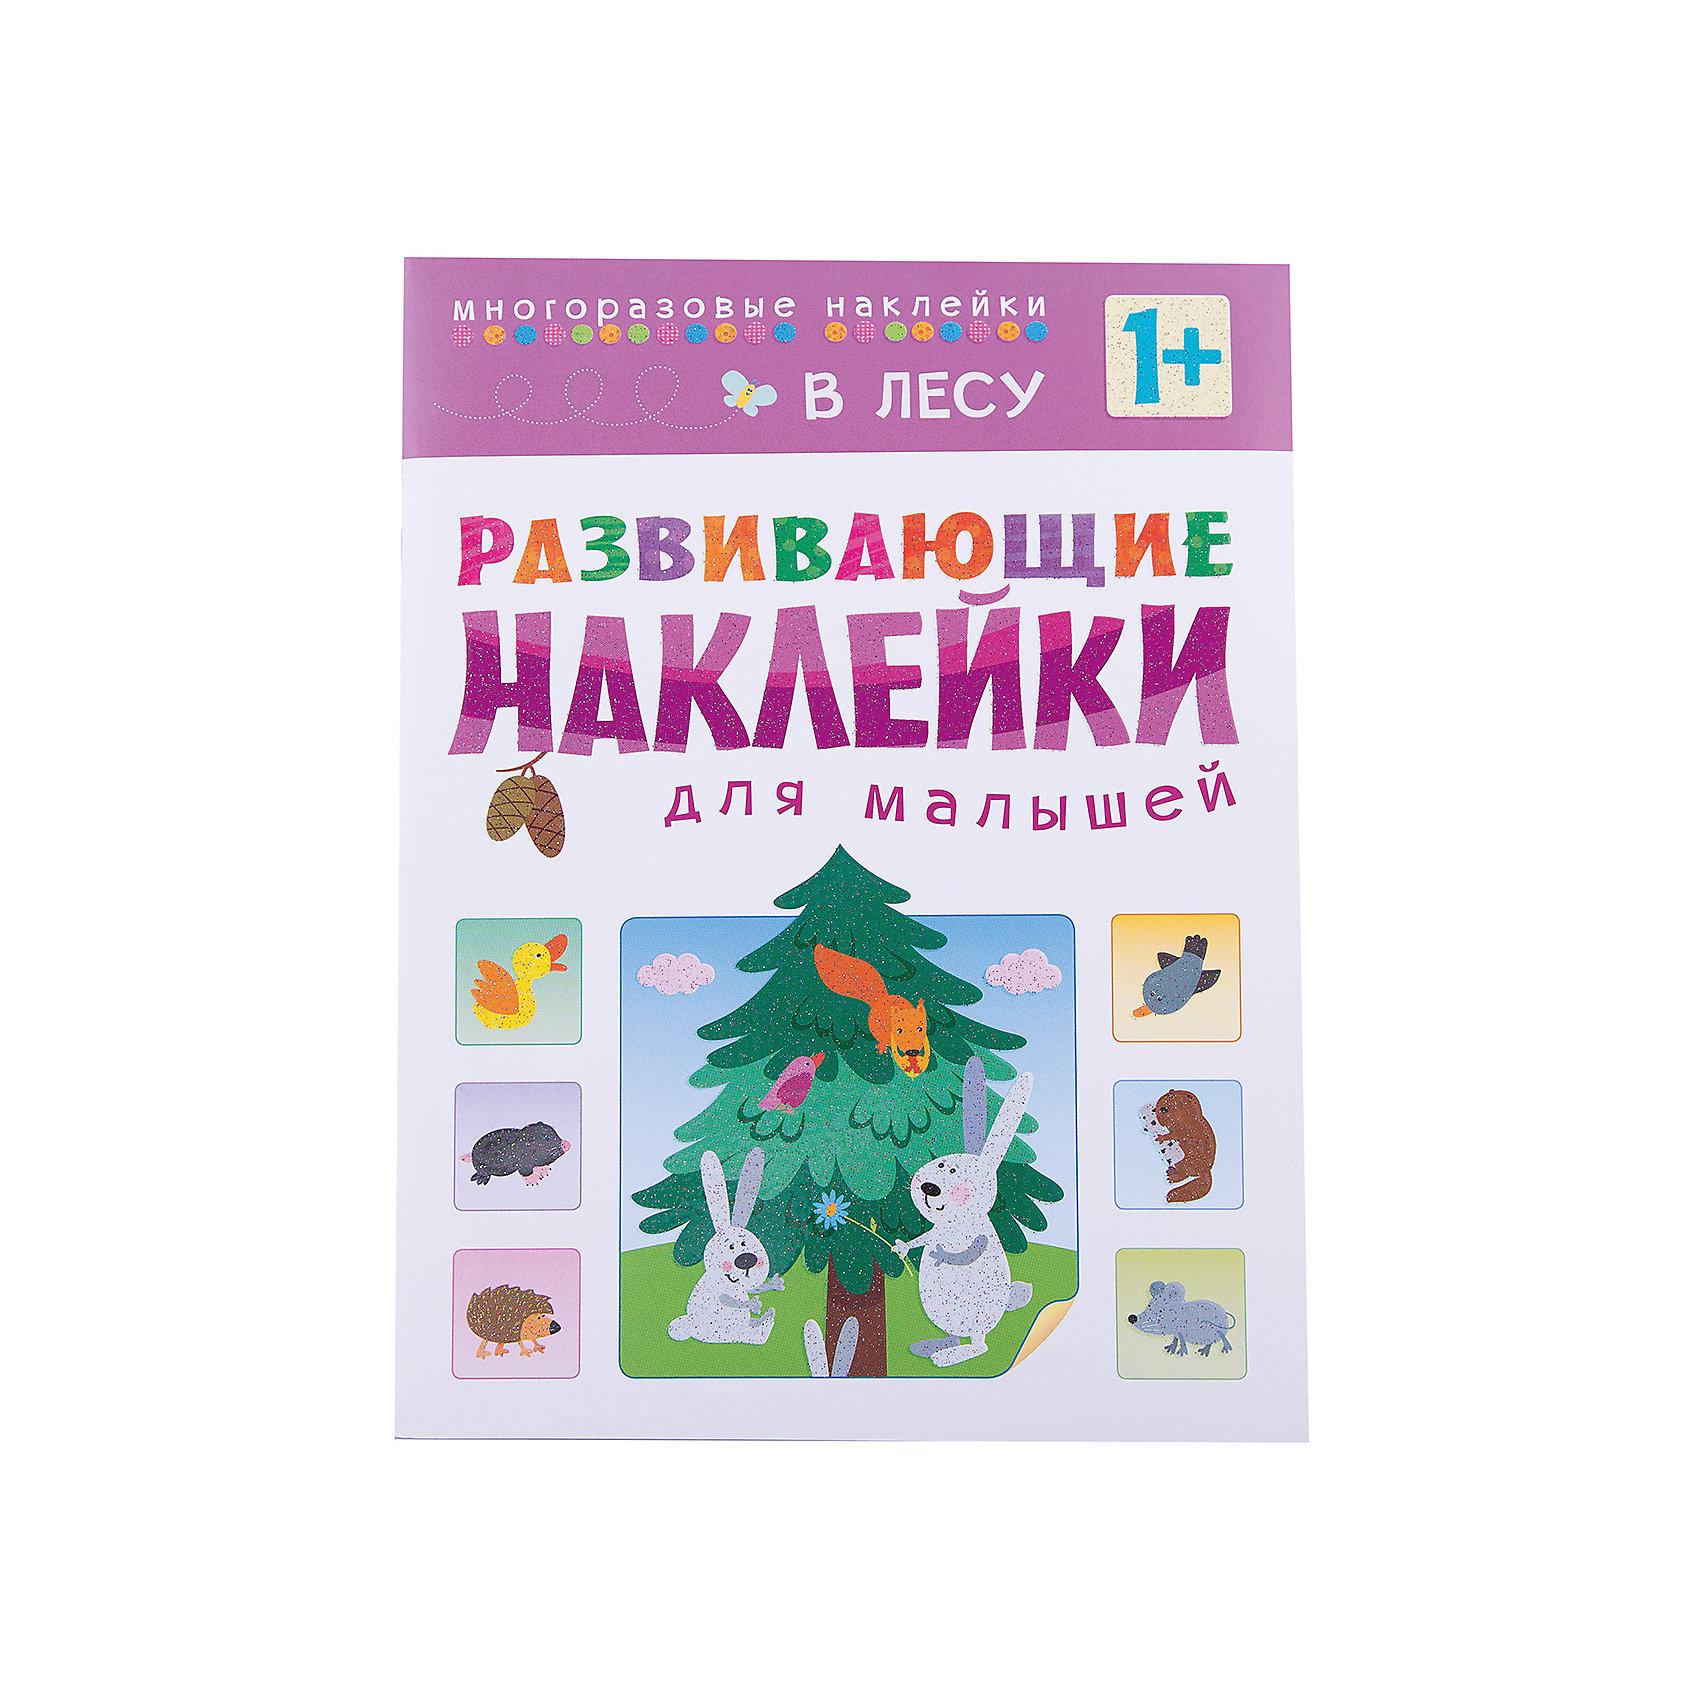 Мозаика-Синтез Книга Развивающие наклейки для малышей. В лесу обучающая книга мозаика синтез развивающие наклейки для малышей большой маленький мс10354